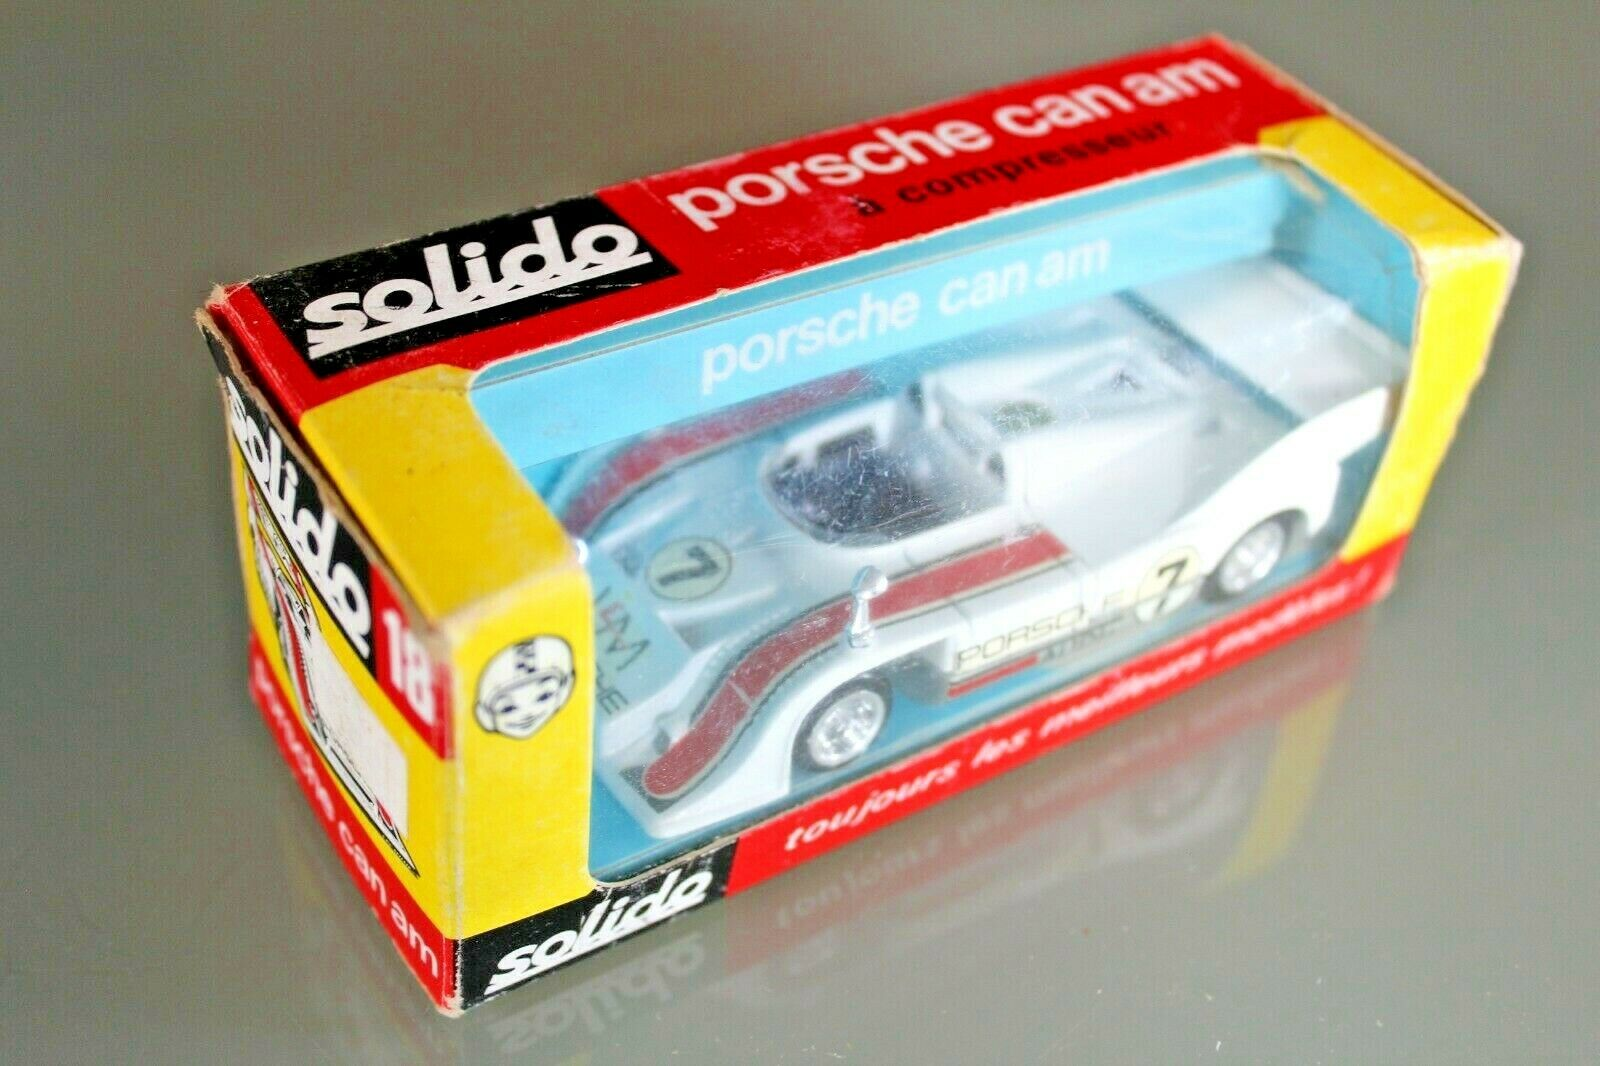 calidad oficial Coche Solido Solido Solido Porsche 917 10 TC Can Am Caja Original Ref 18 Años 1973  mejor servicio